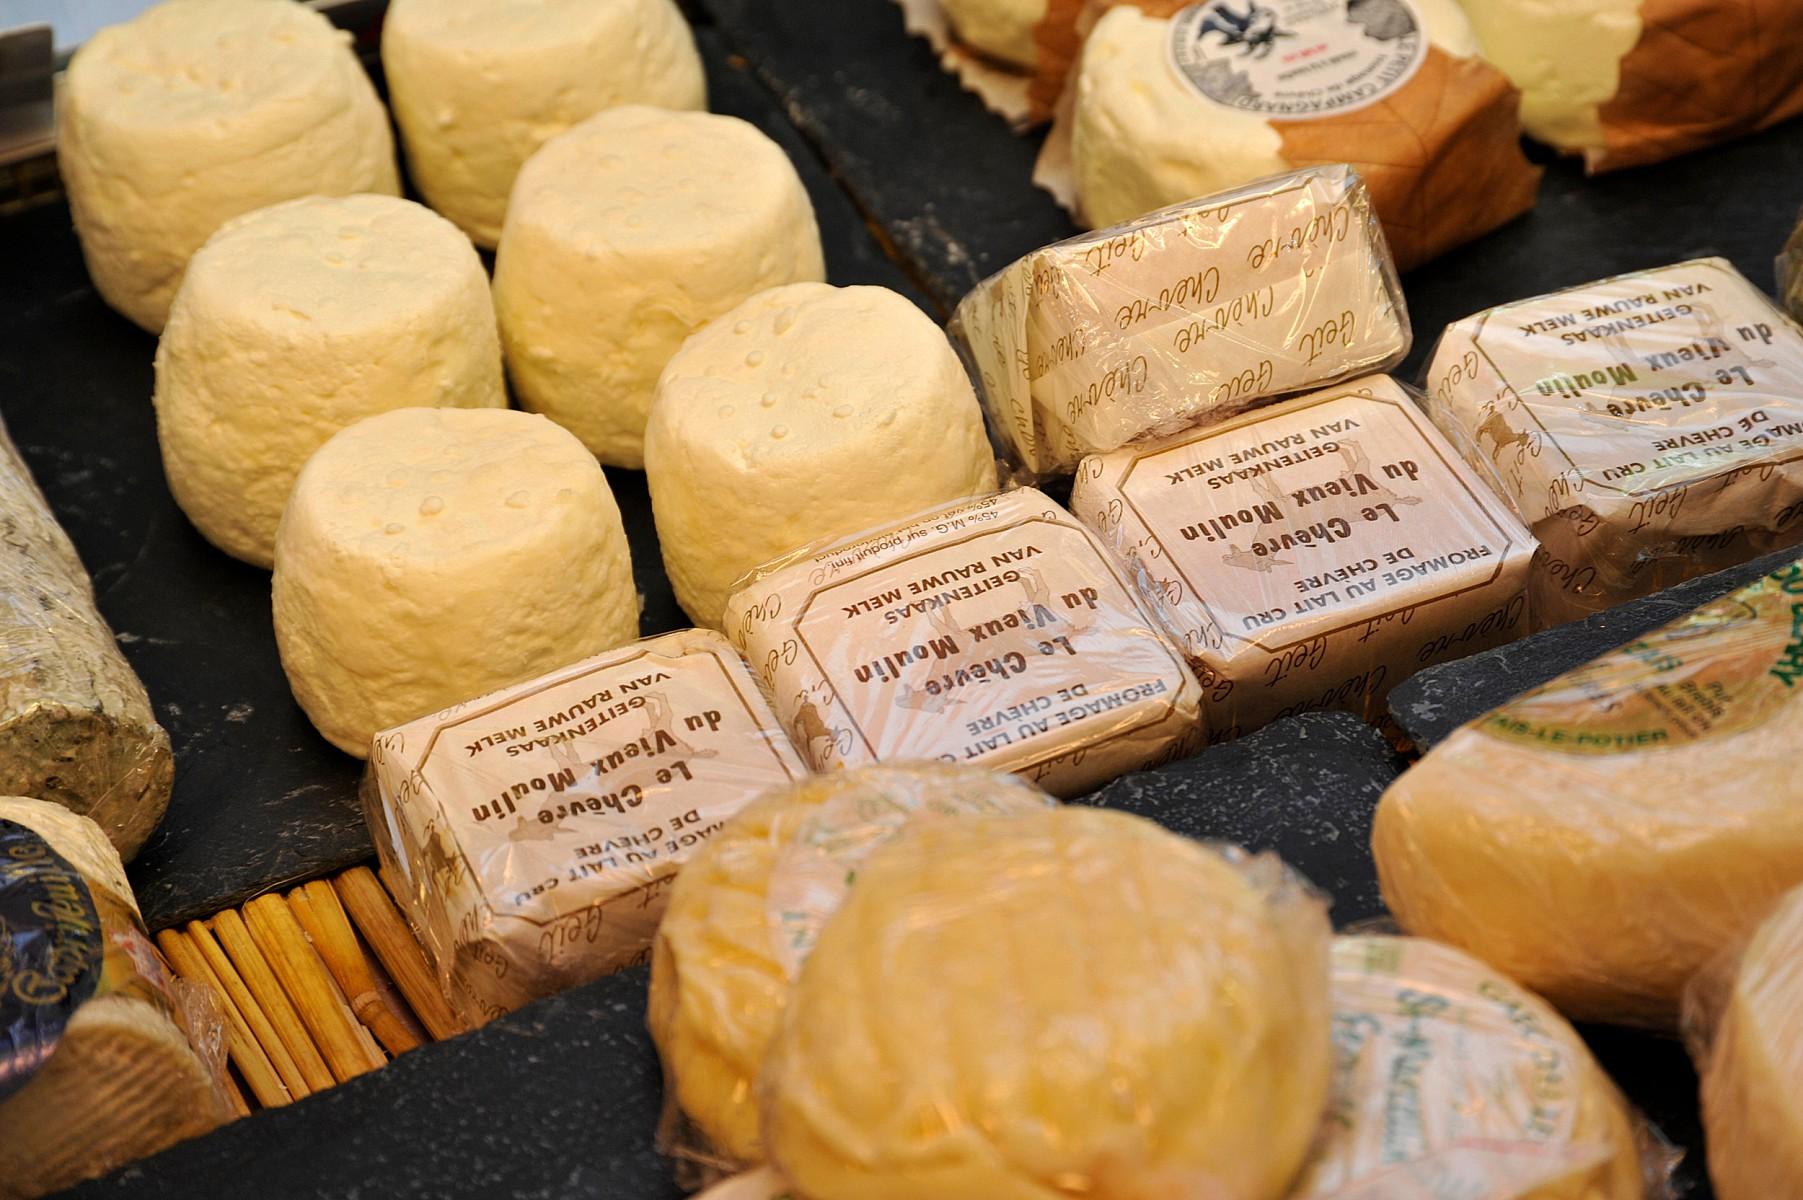 pTypische-Produkte-aus-den-Ardennen-sind-neben-dem-Schinken-auch-Ziegenkaumlse-oder-der-beruumlhmte-charaktervolle-Herver-Kaumlse-der-am-besten-auf-rustikalem-Brot-und-in-Kombination-mit-Luumltticher-Fruchtsirup-schmecktbr-copy-WBT-Emmanuel-Mathezp